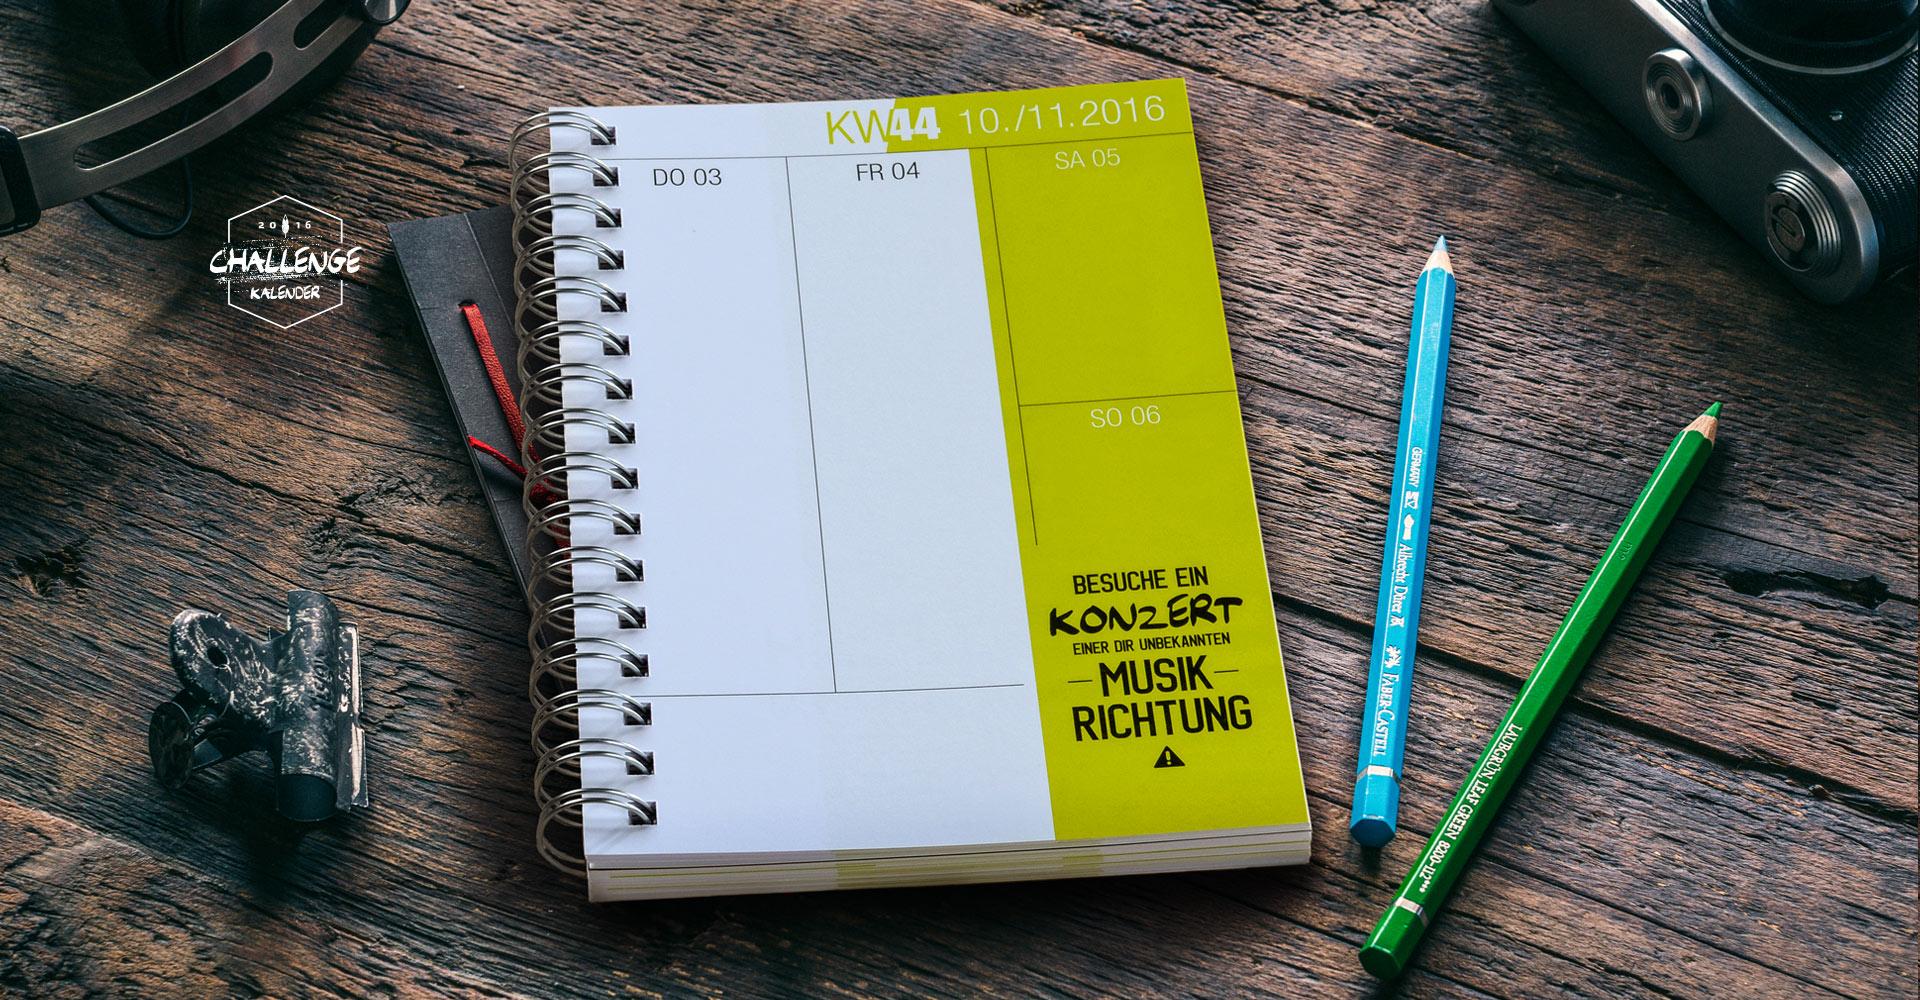 Challenge Kalender Design 04